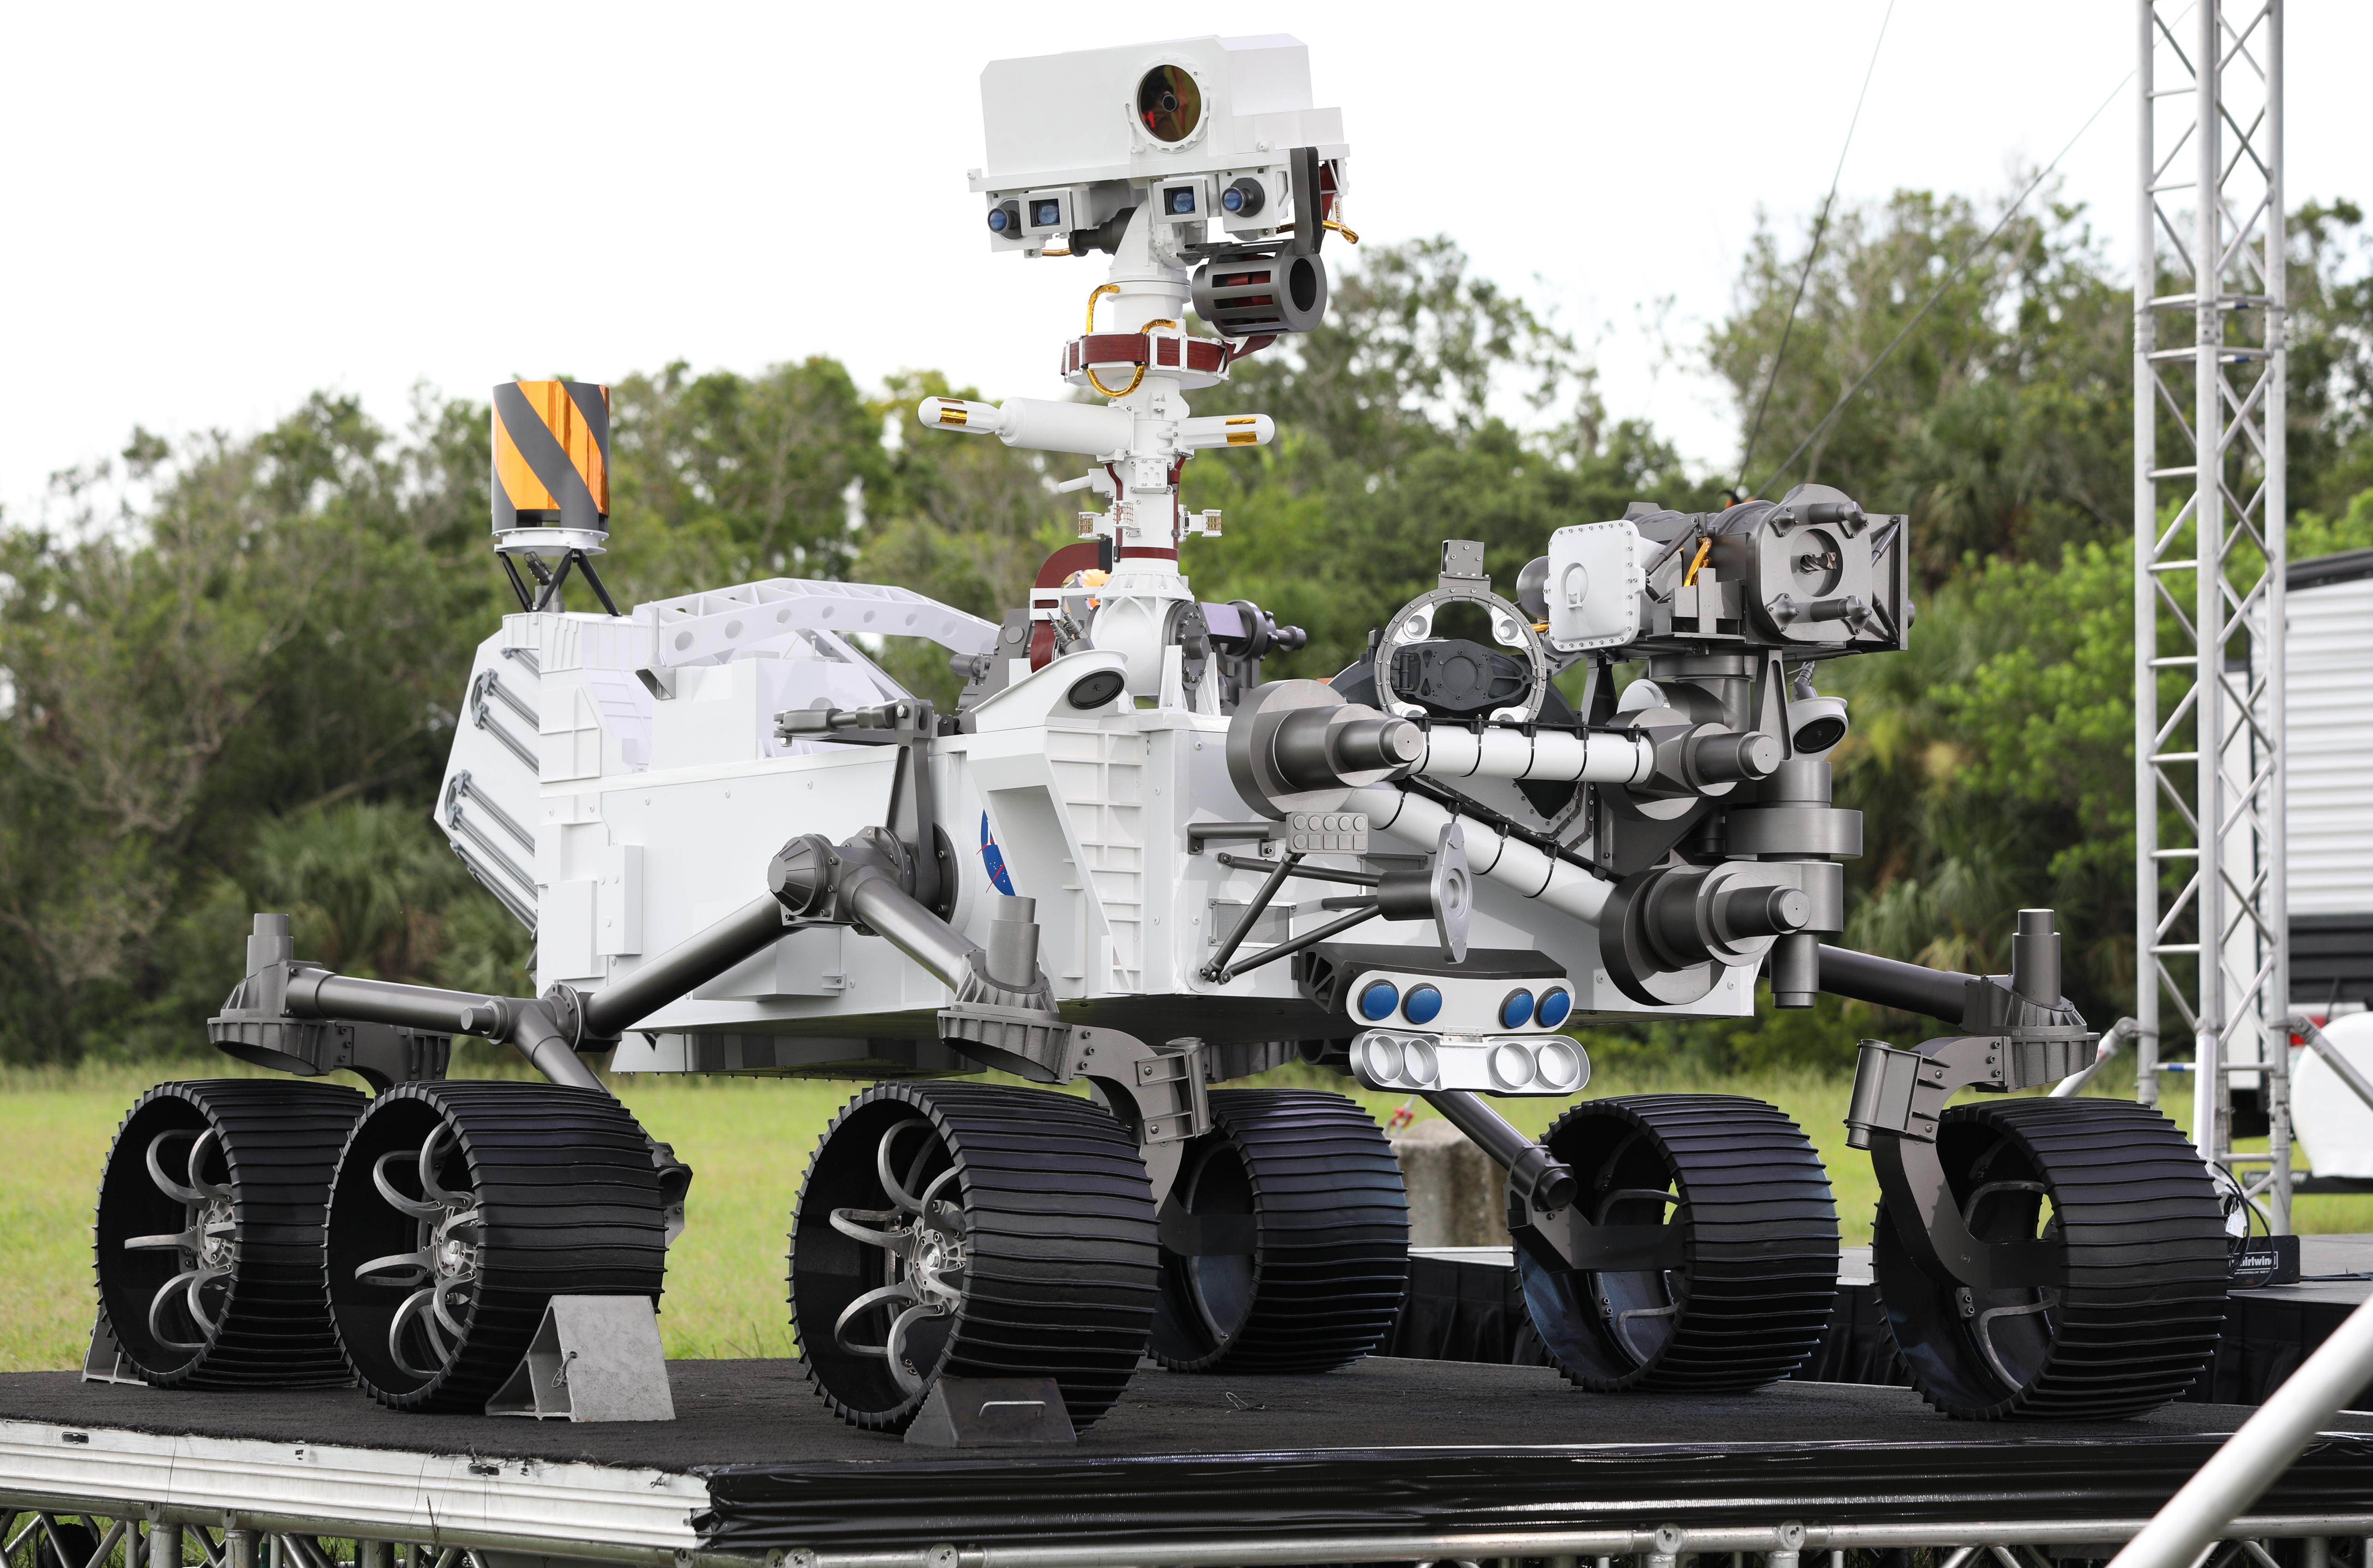 mars rover, Perseverance, nasa, buitenaards leven, aliens